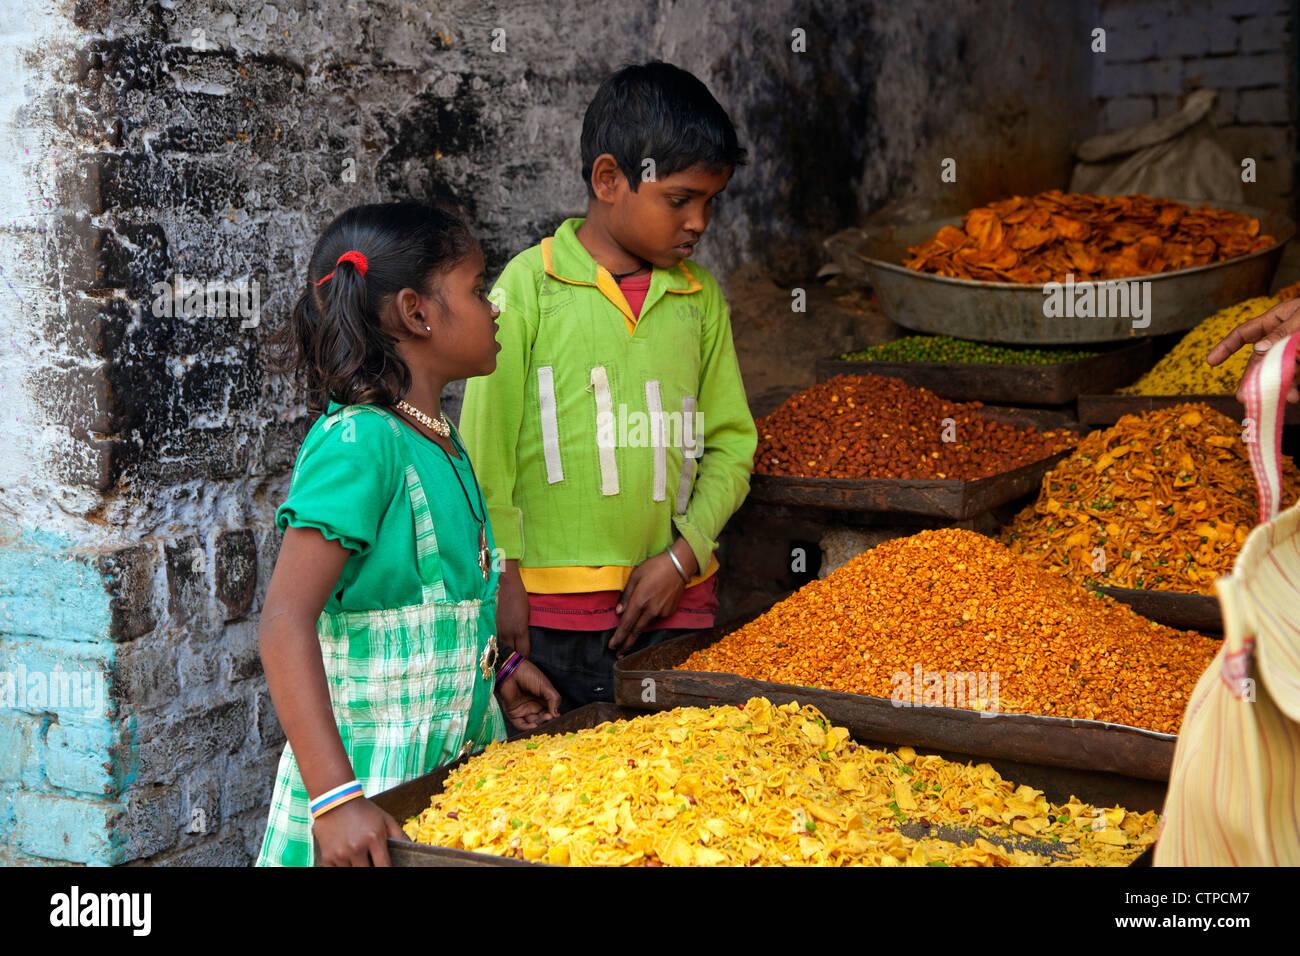 Bambini indiani comprare gli ingredienti alimentari in negozio per cucinare, Agra, Uttar Pradesh, India Immagini Stock